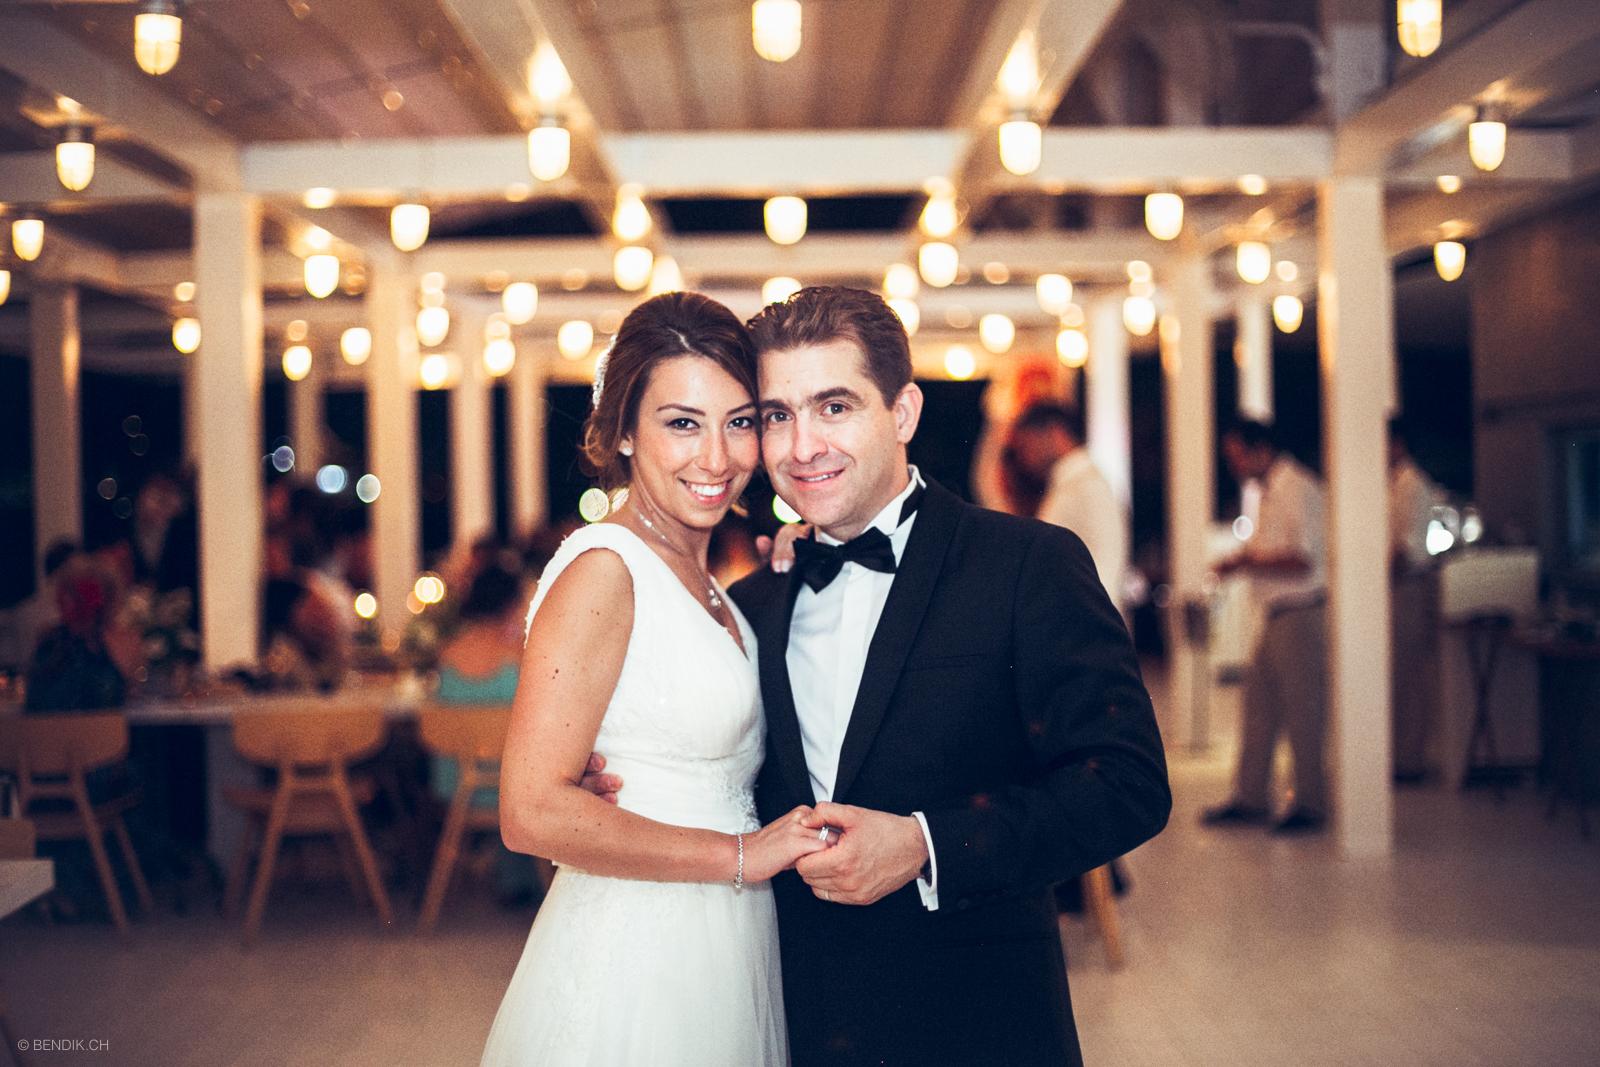 wedding_photoshoot_pinar_tolga20150913_073